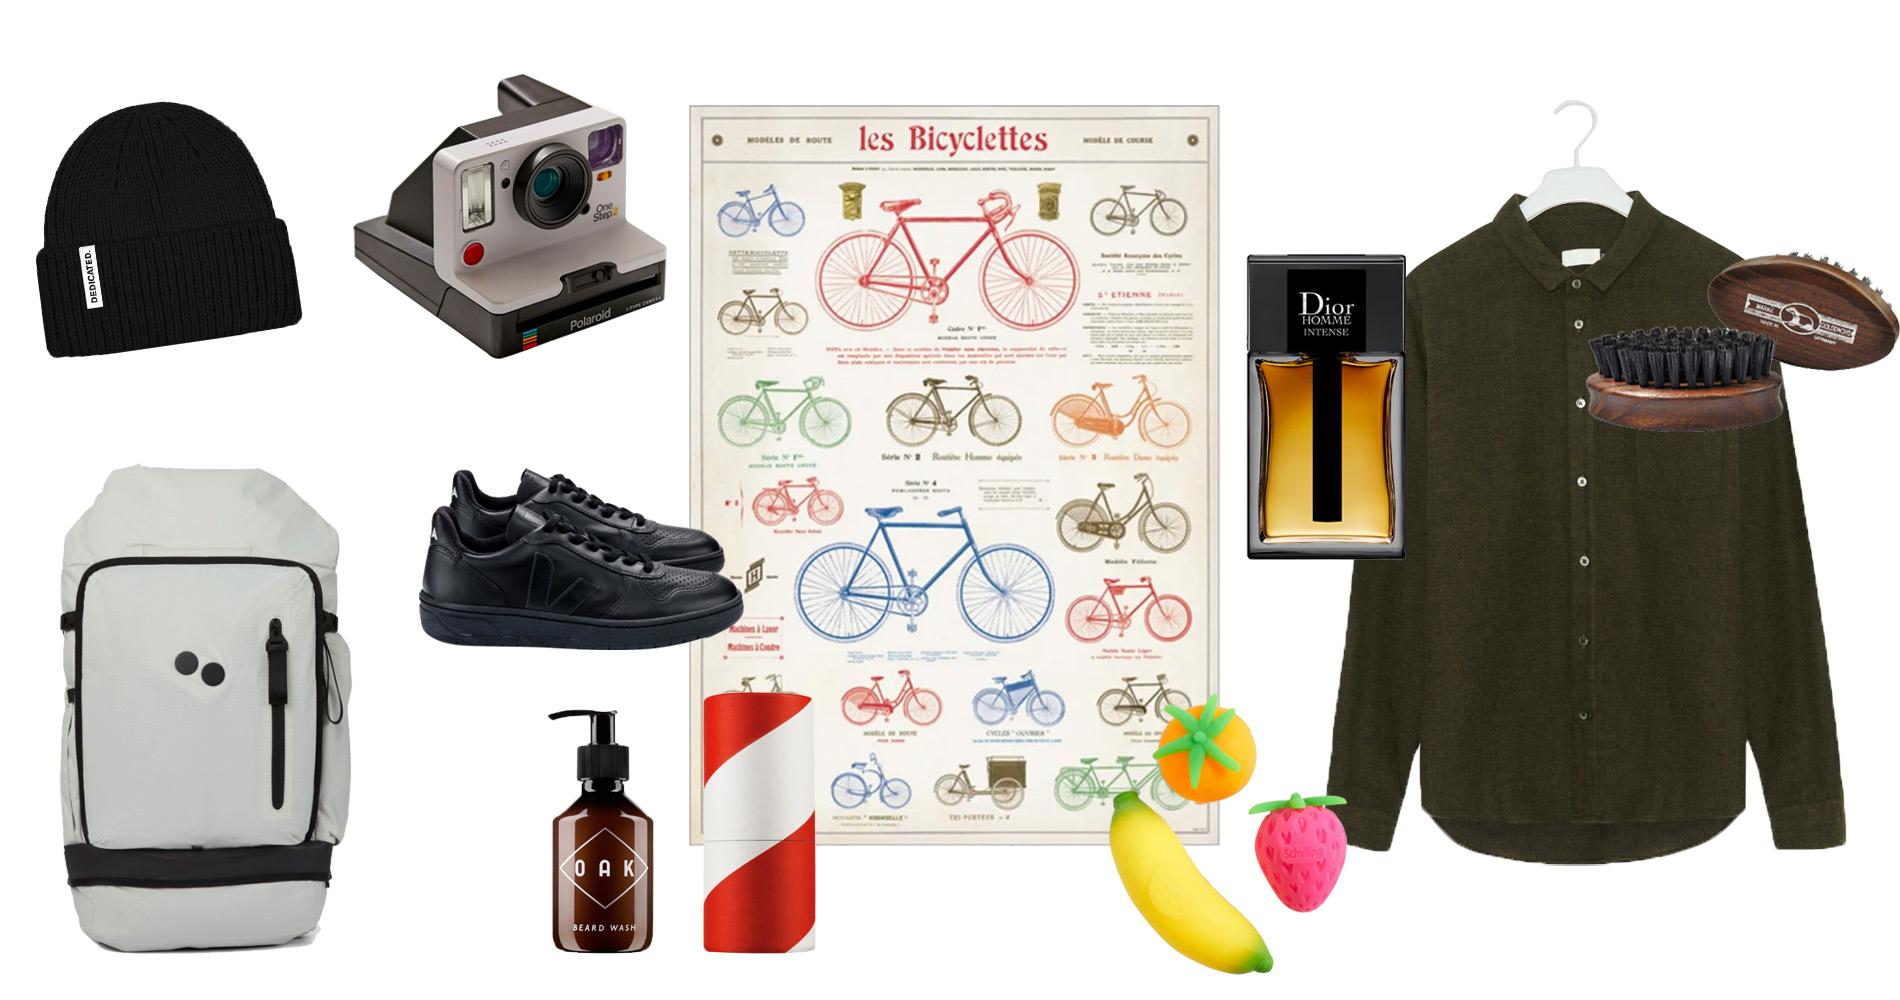 Weihnachtsgeschenke für Männer, Geschenkideen für Männer, Geschenke, Geschenkideen, Weihnachten, Geschenke für Männer, Lifestyle,